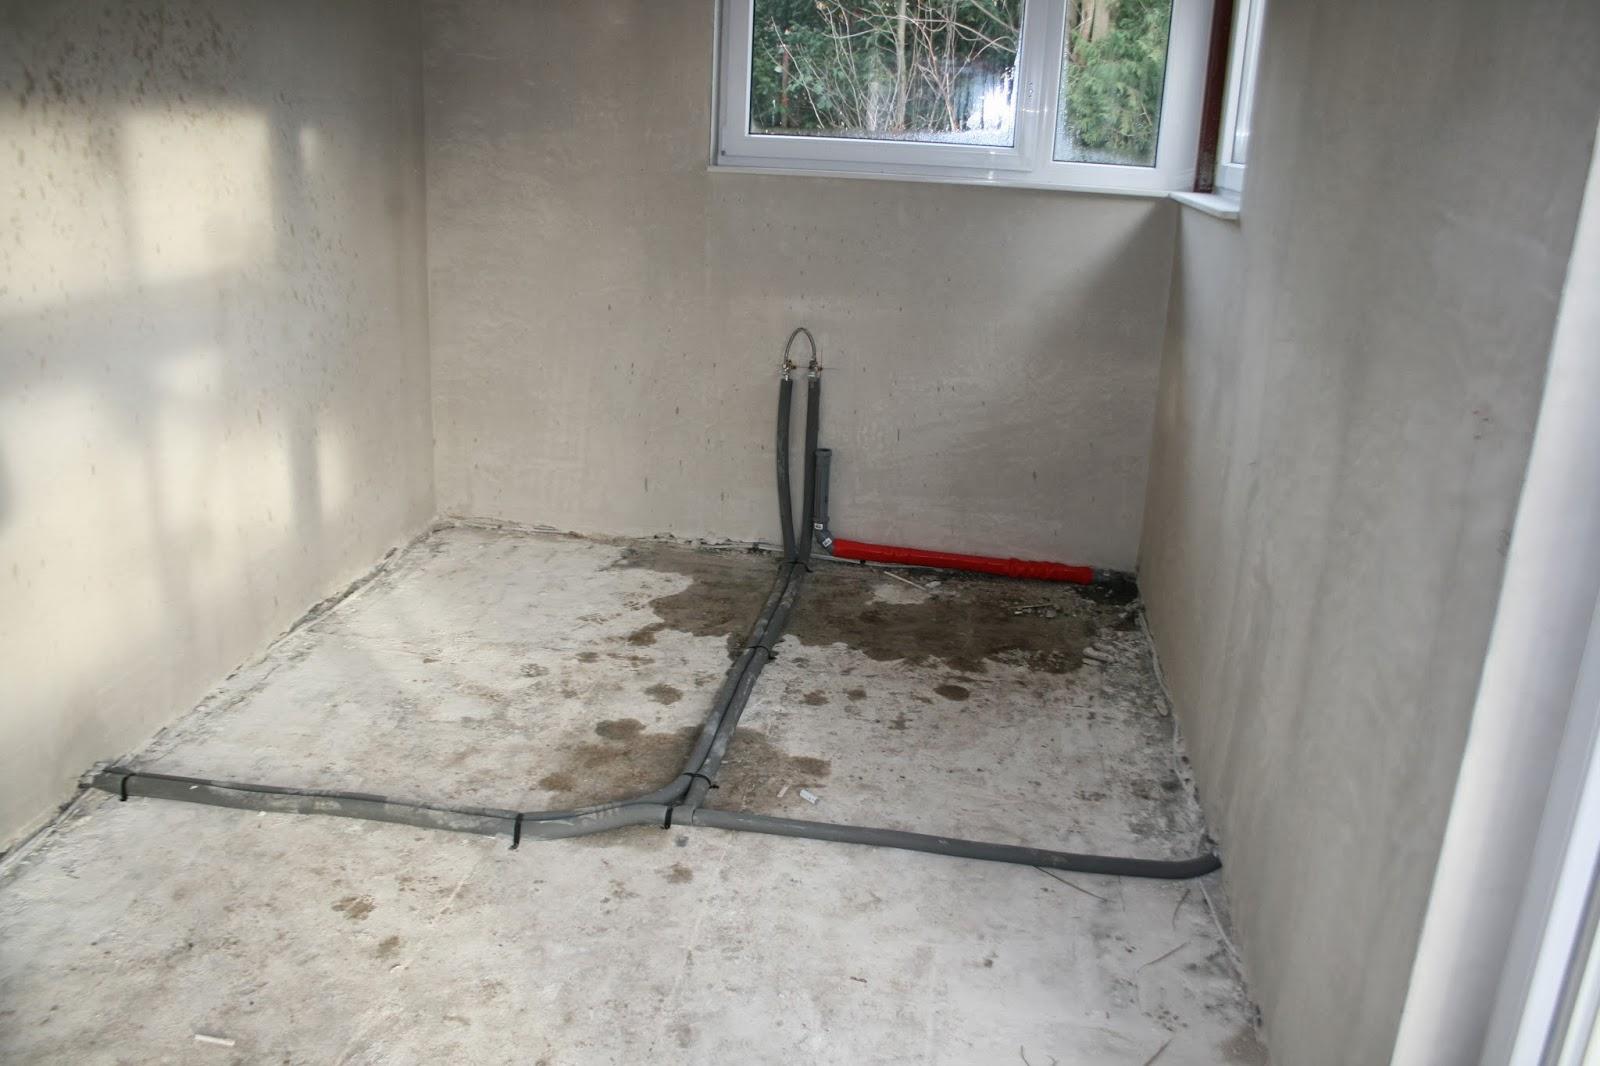 tcm bauen ein haus sanit rarbeiten vor dem estrich. Black Bedroom Furniture Sets. Home Design Ideas